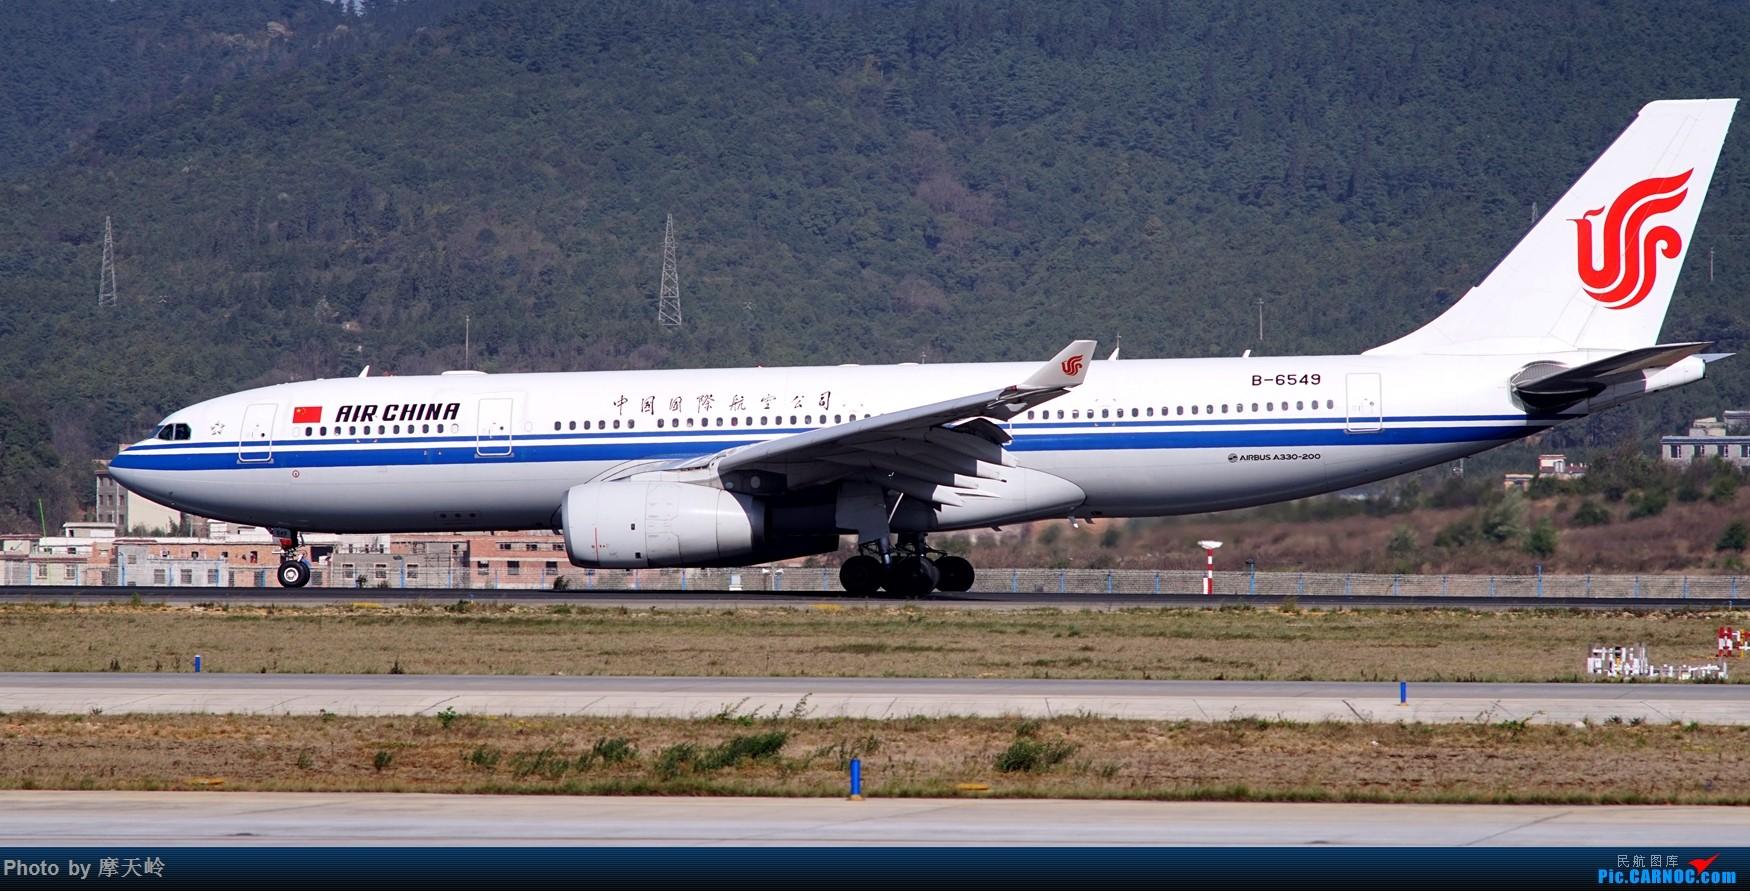 Re:[原创]【昆明长水】内场拍拍拍 AIRBUS A330-200 B-6549 中国昆明长水国际机场